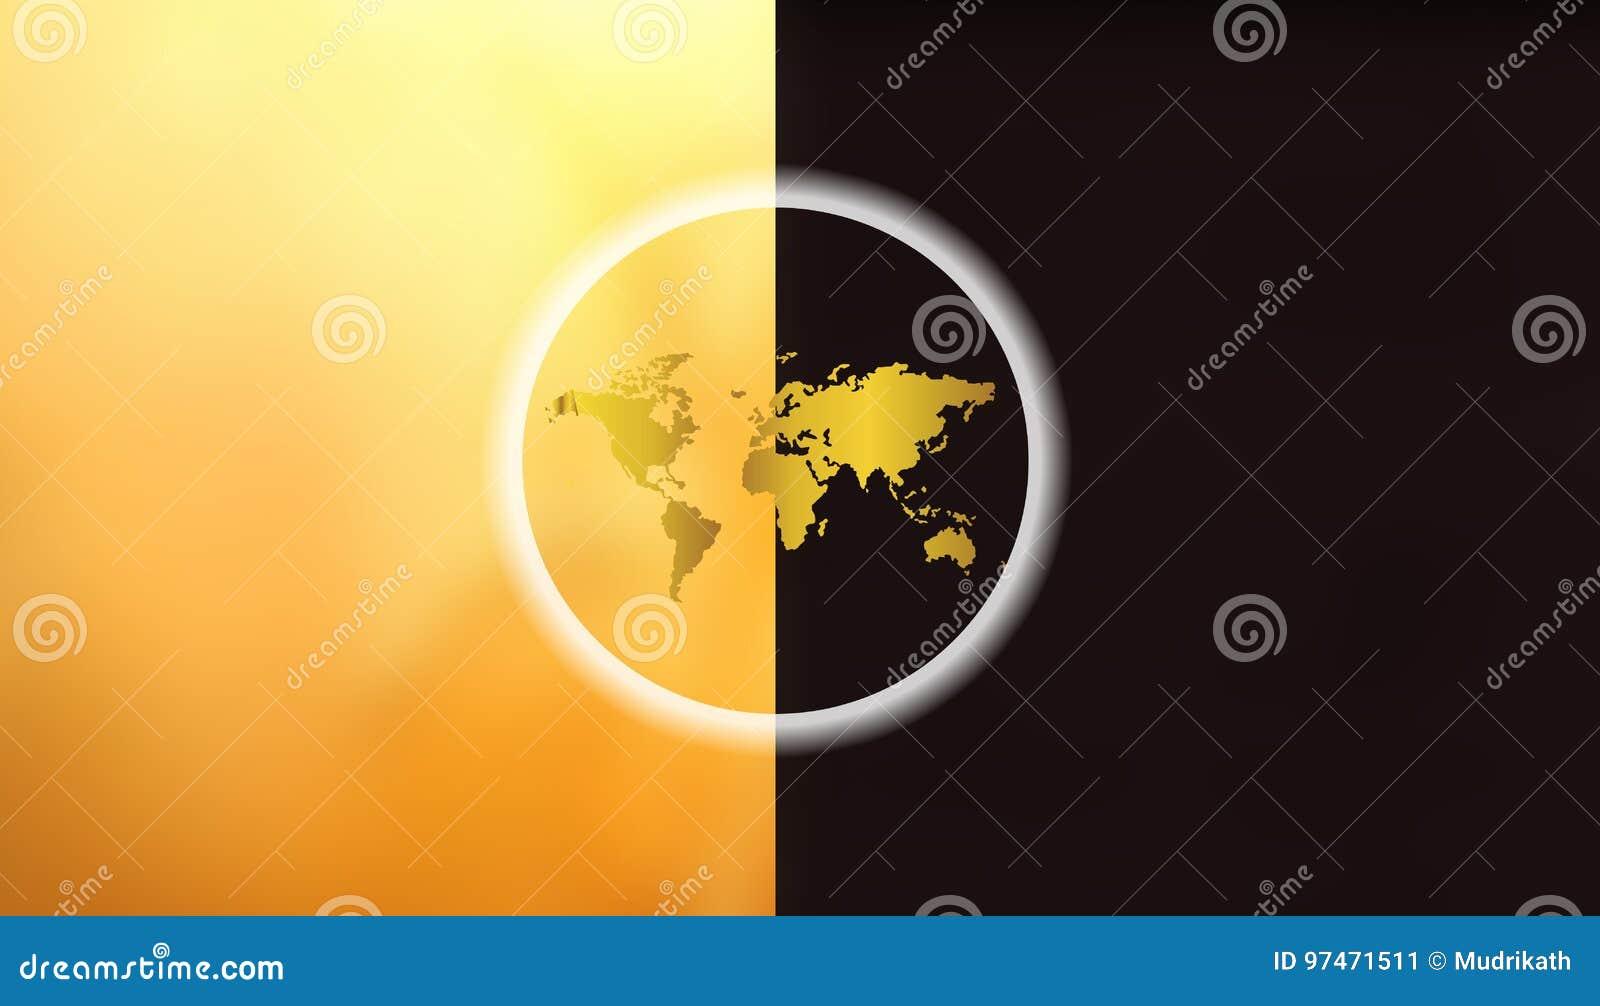 Carte Du Monde Jour Nuit.La Terre Jour Et Nuit A La Carte Du Monde Concept De Jour